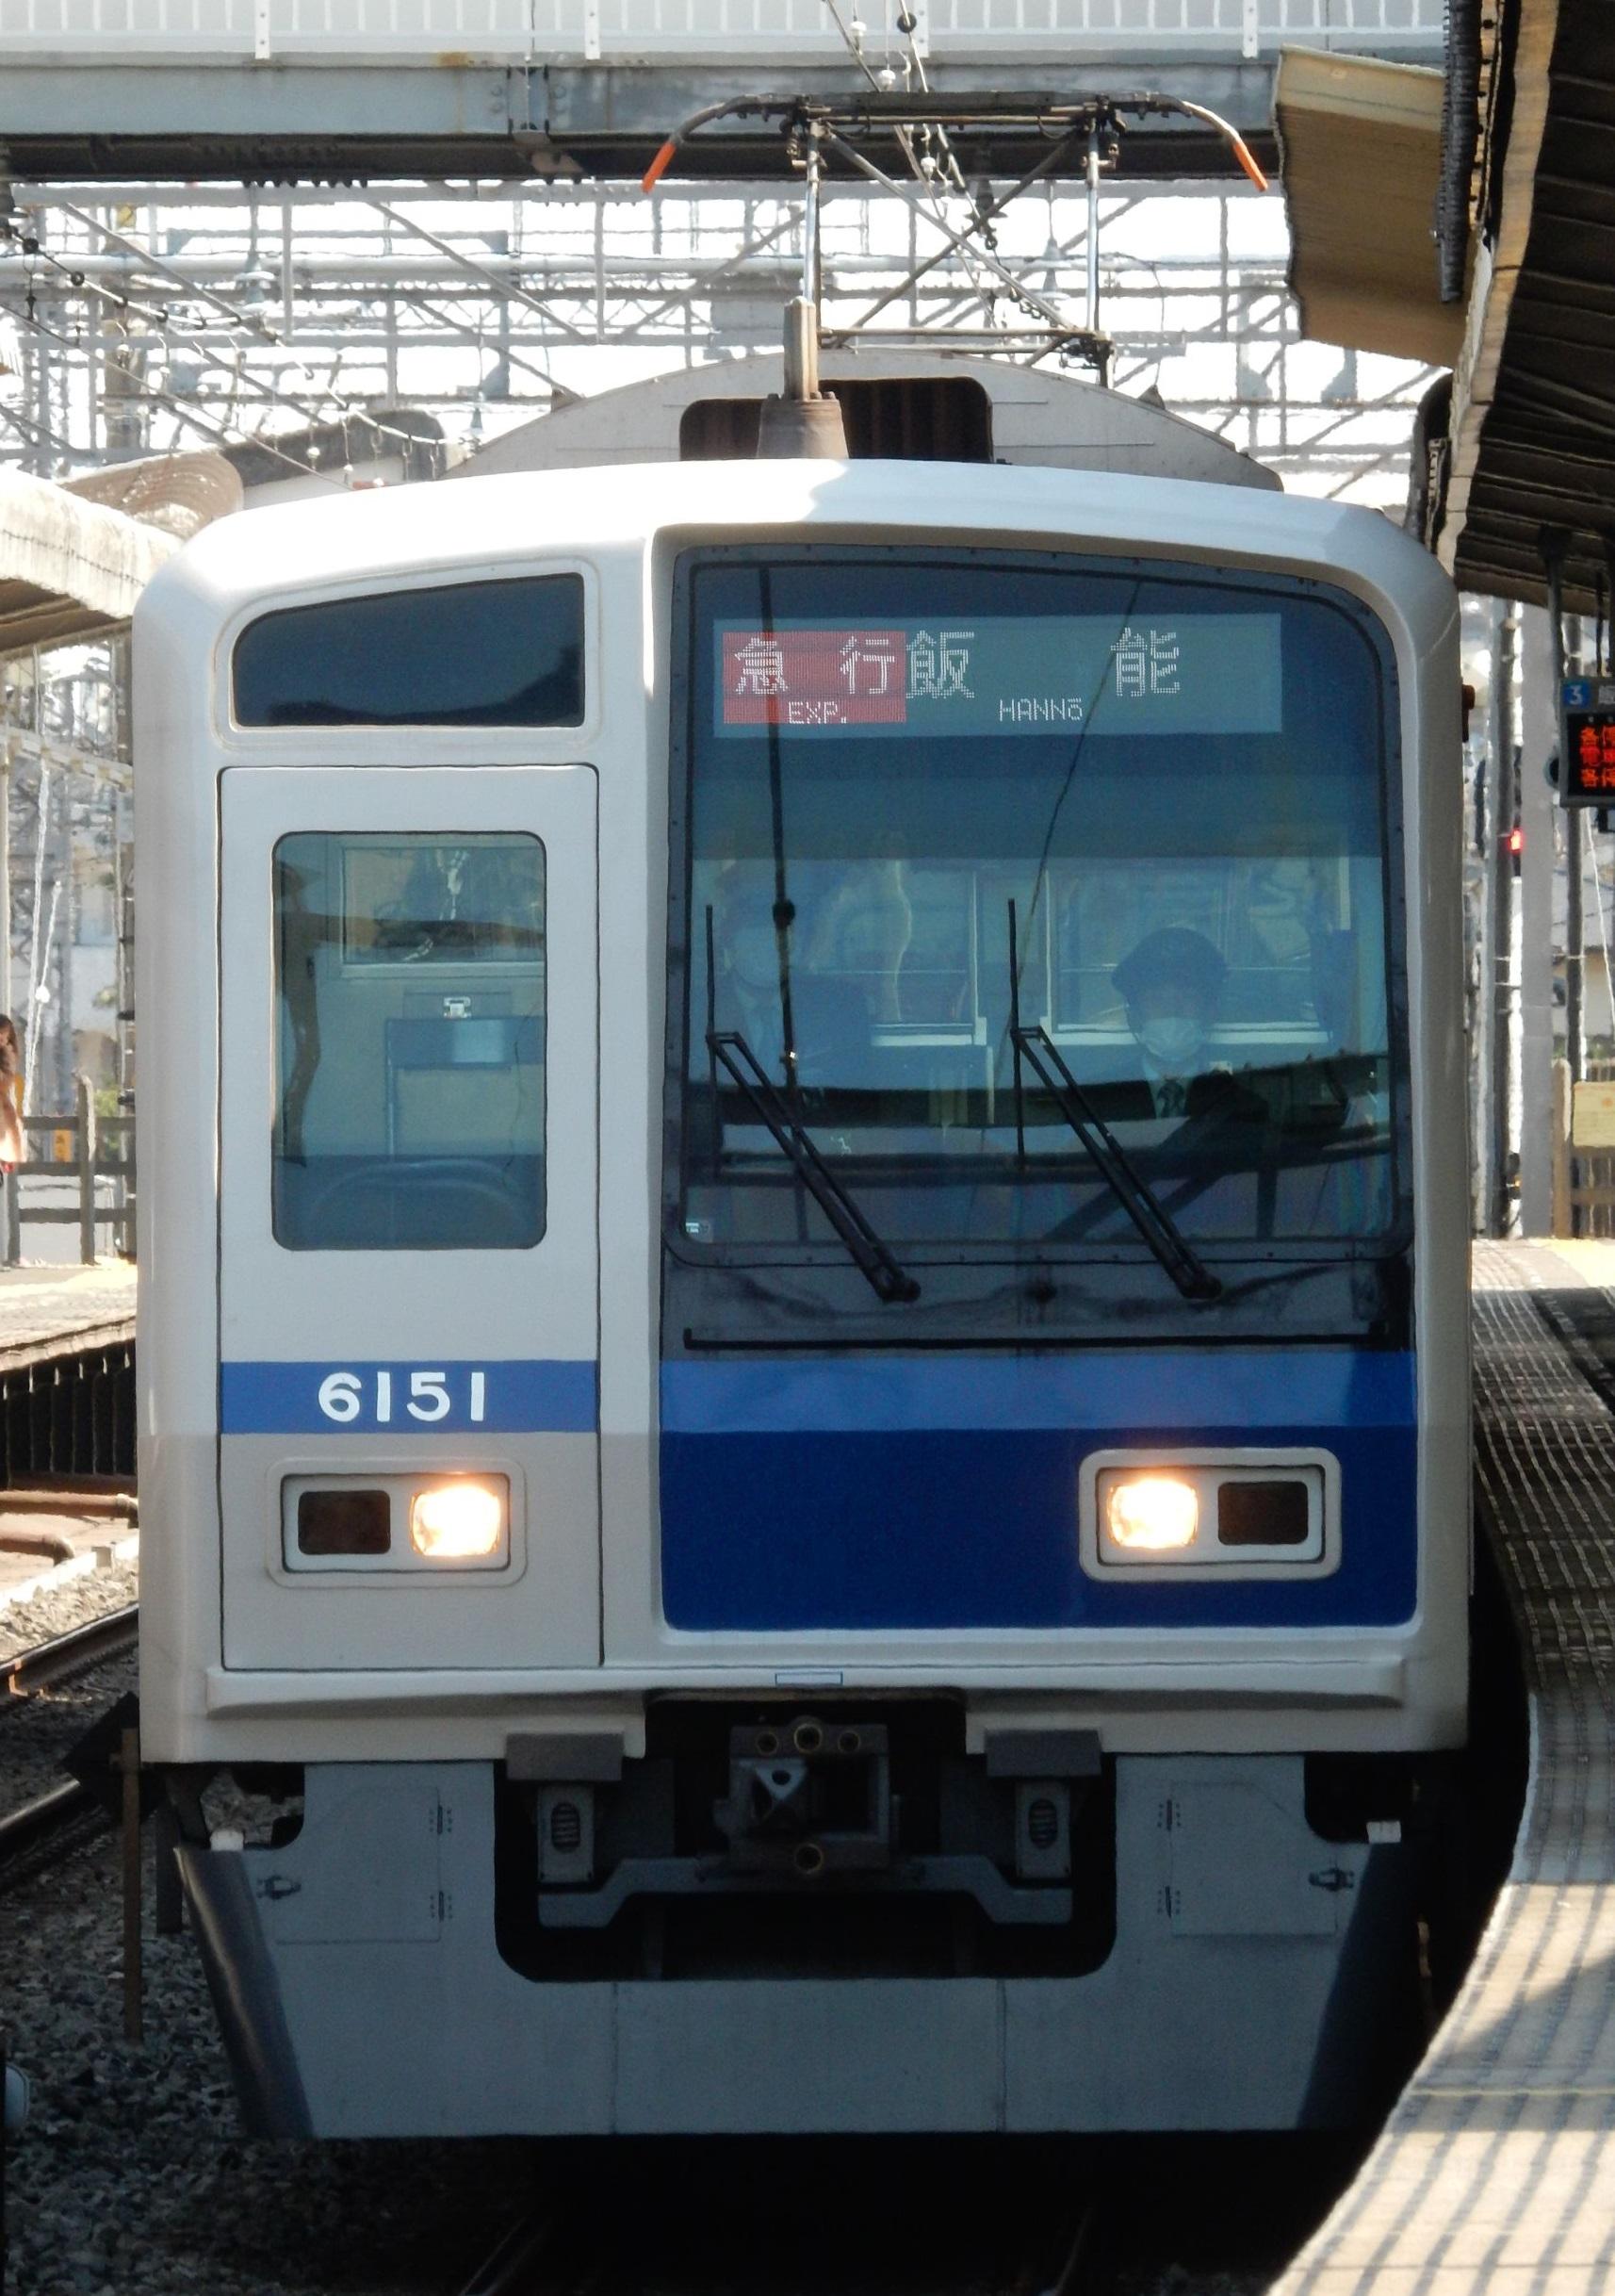 DSCN6060 - コピー